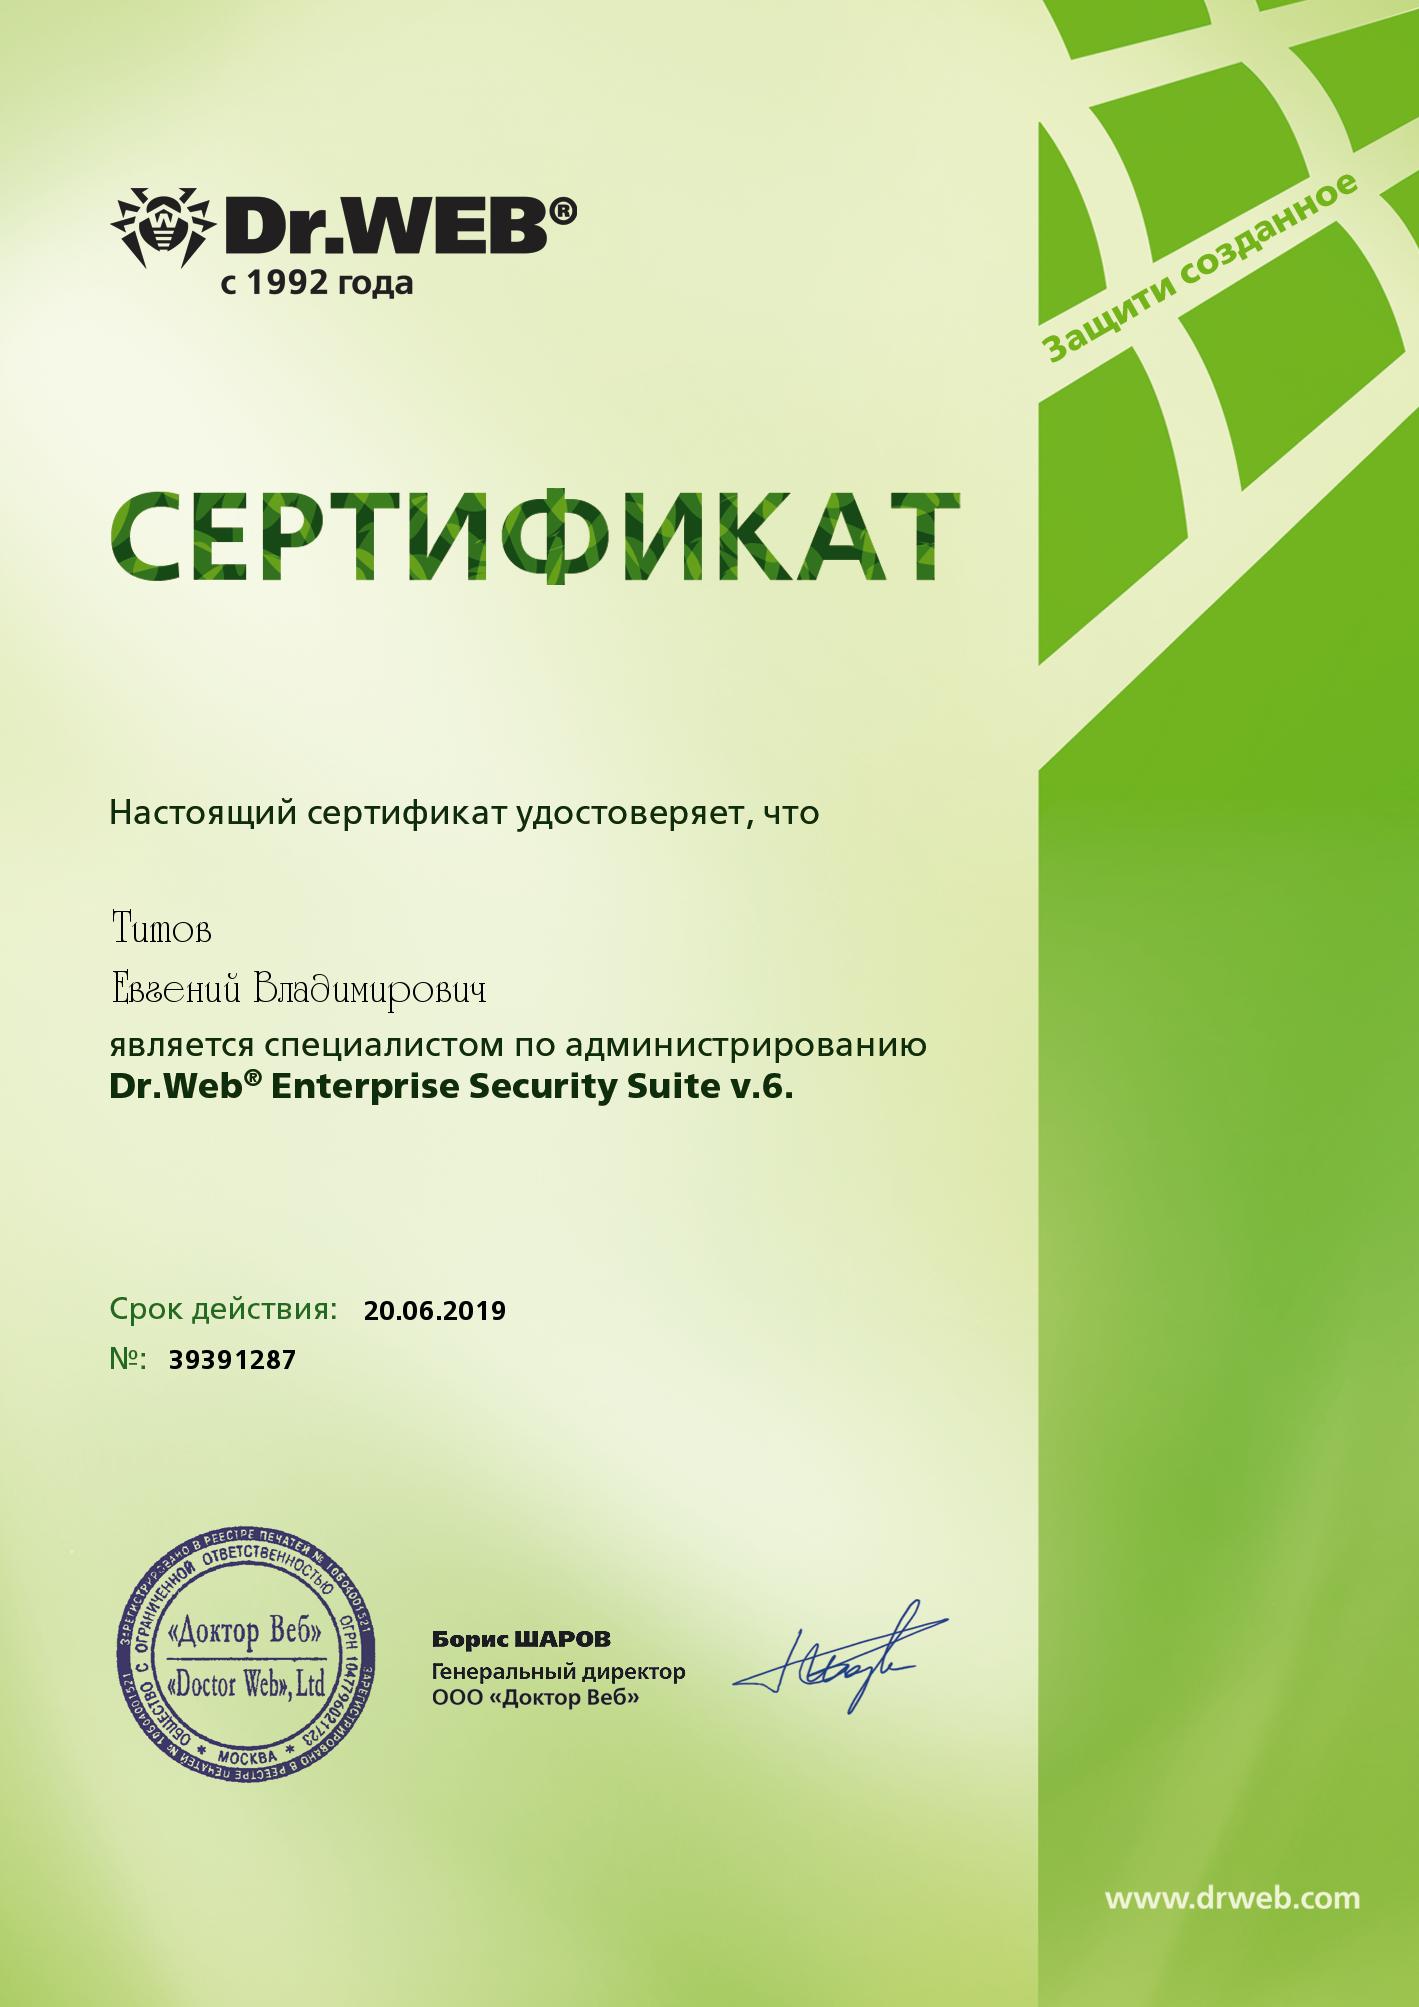 Специалист по администрированию Dr.Web® Enterprise Security Suite v6 (Титов 20.06.19)